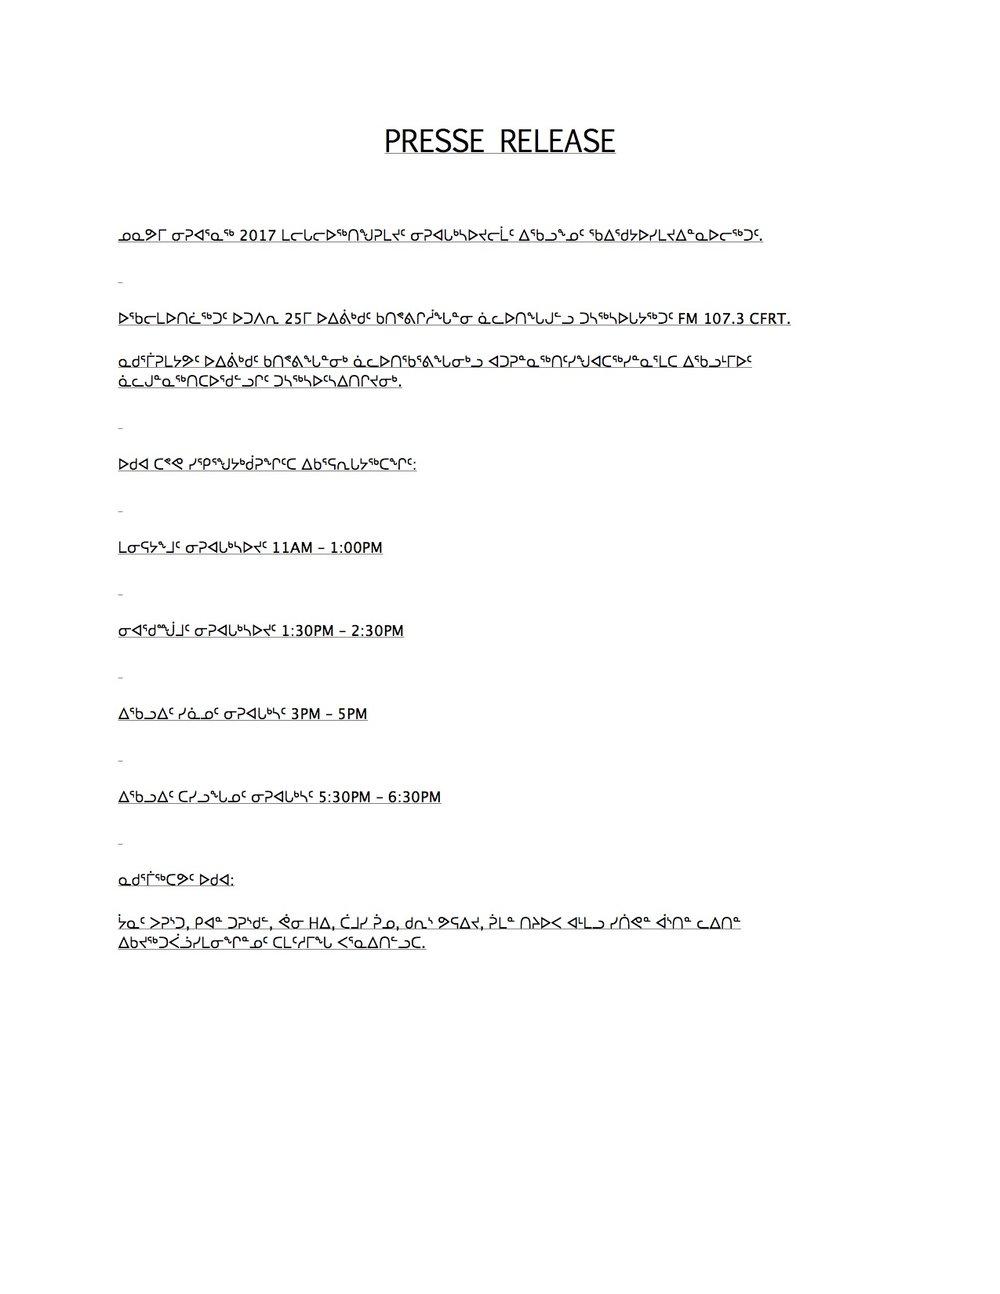 PRESSE RELEASE (inuktitut).jpg